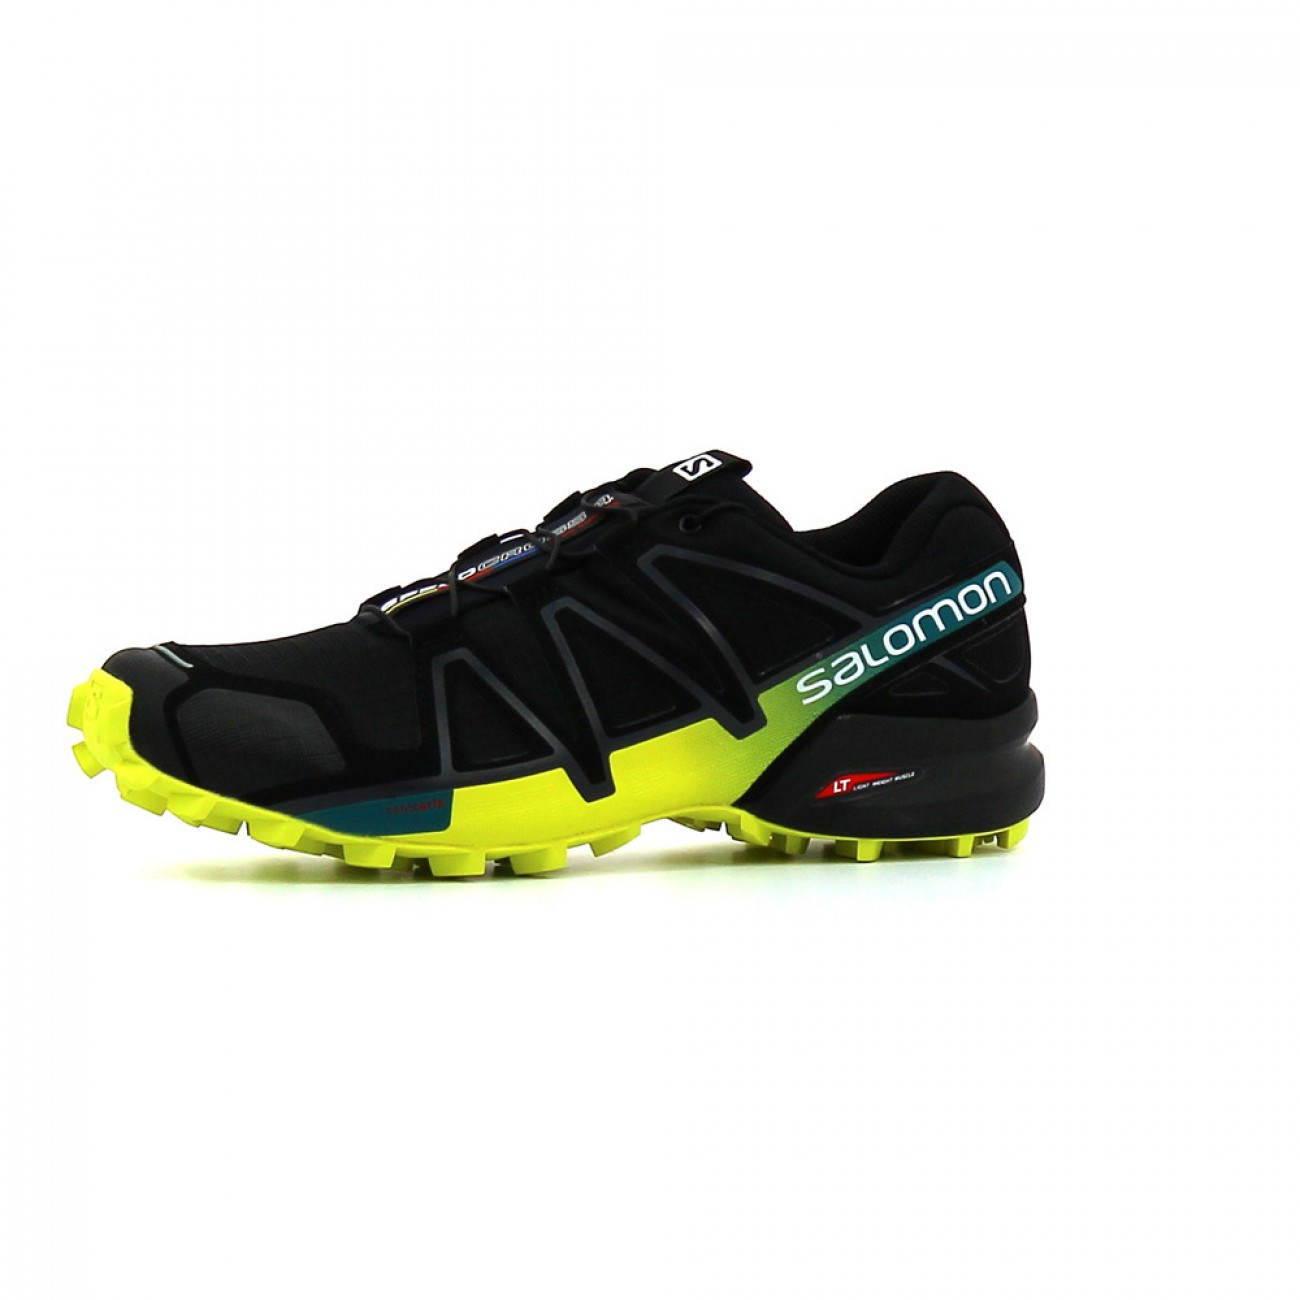 Chaussures de running femme go sport